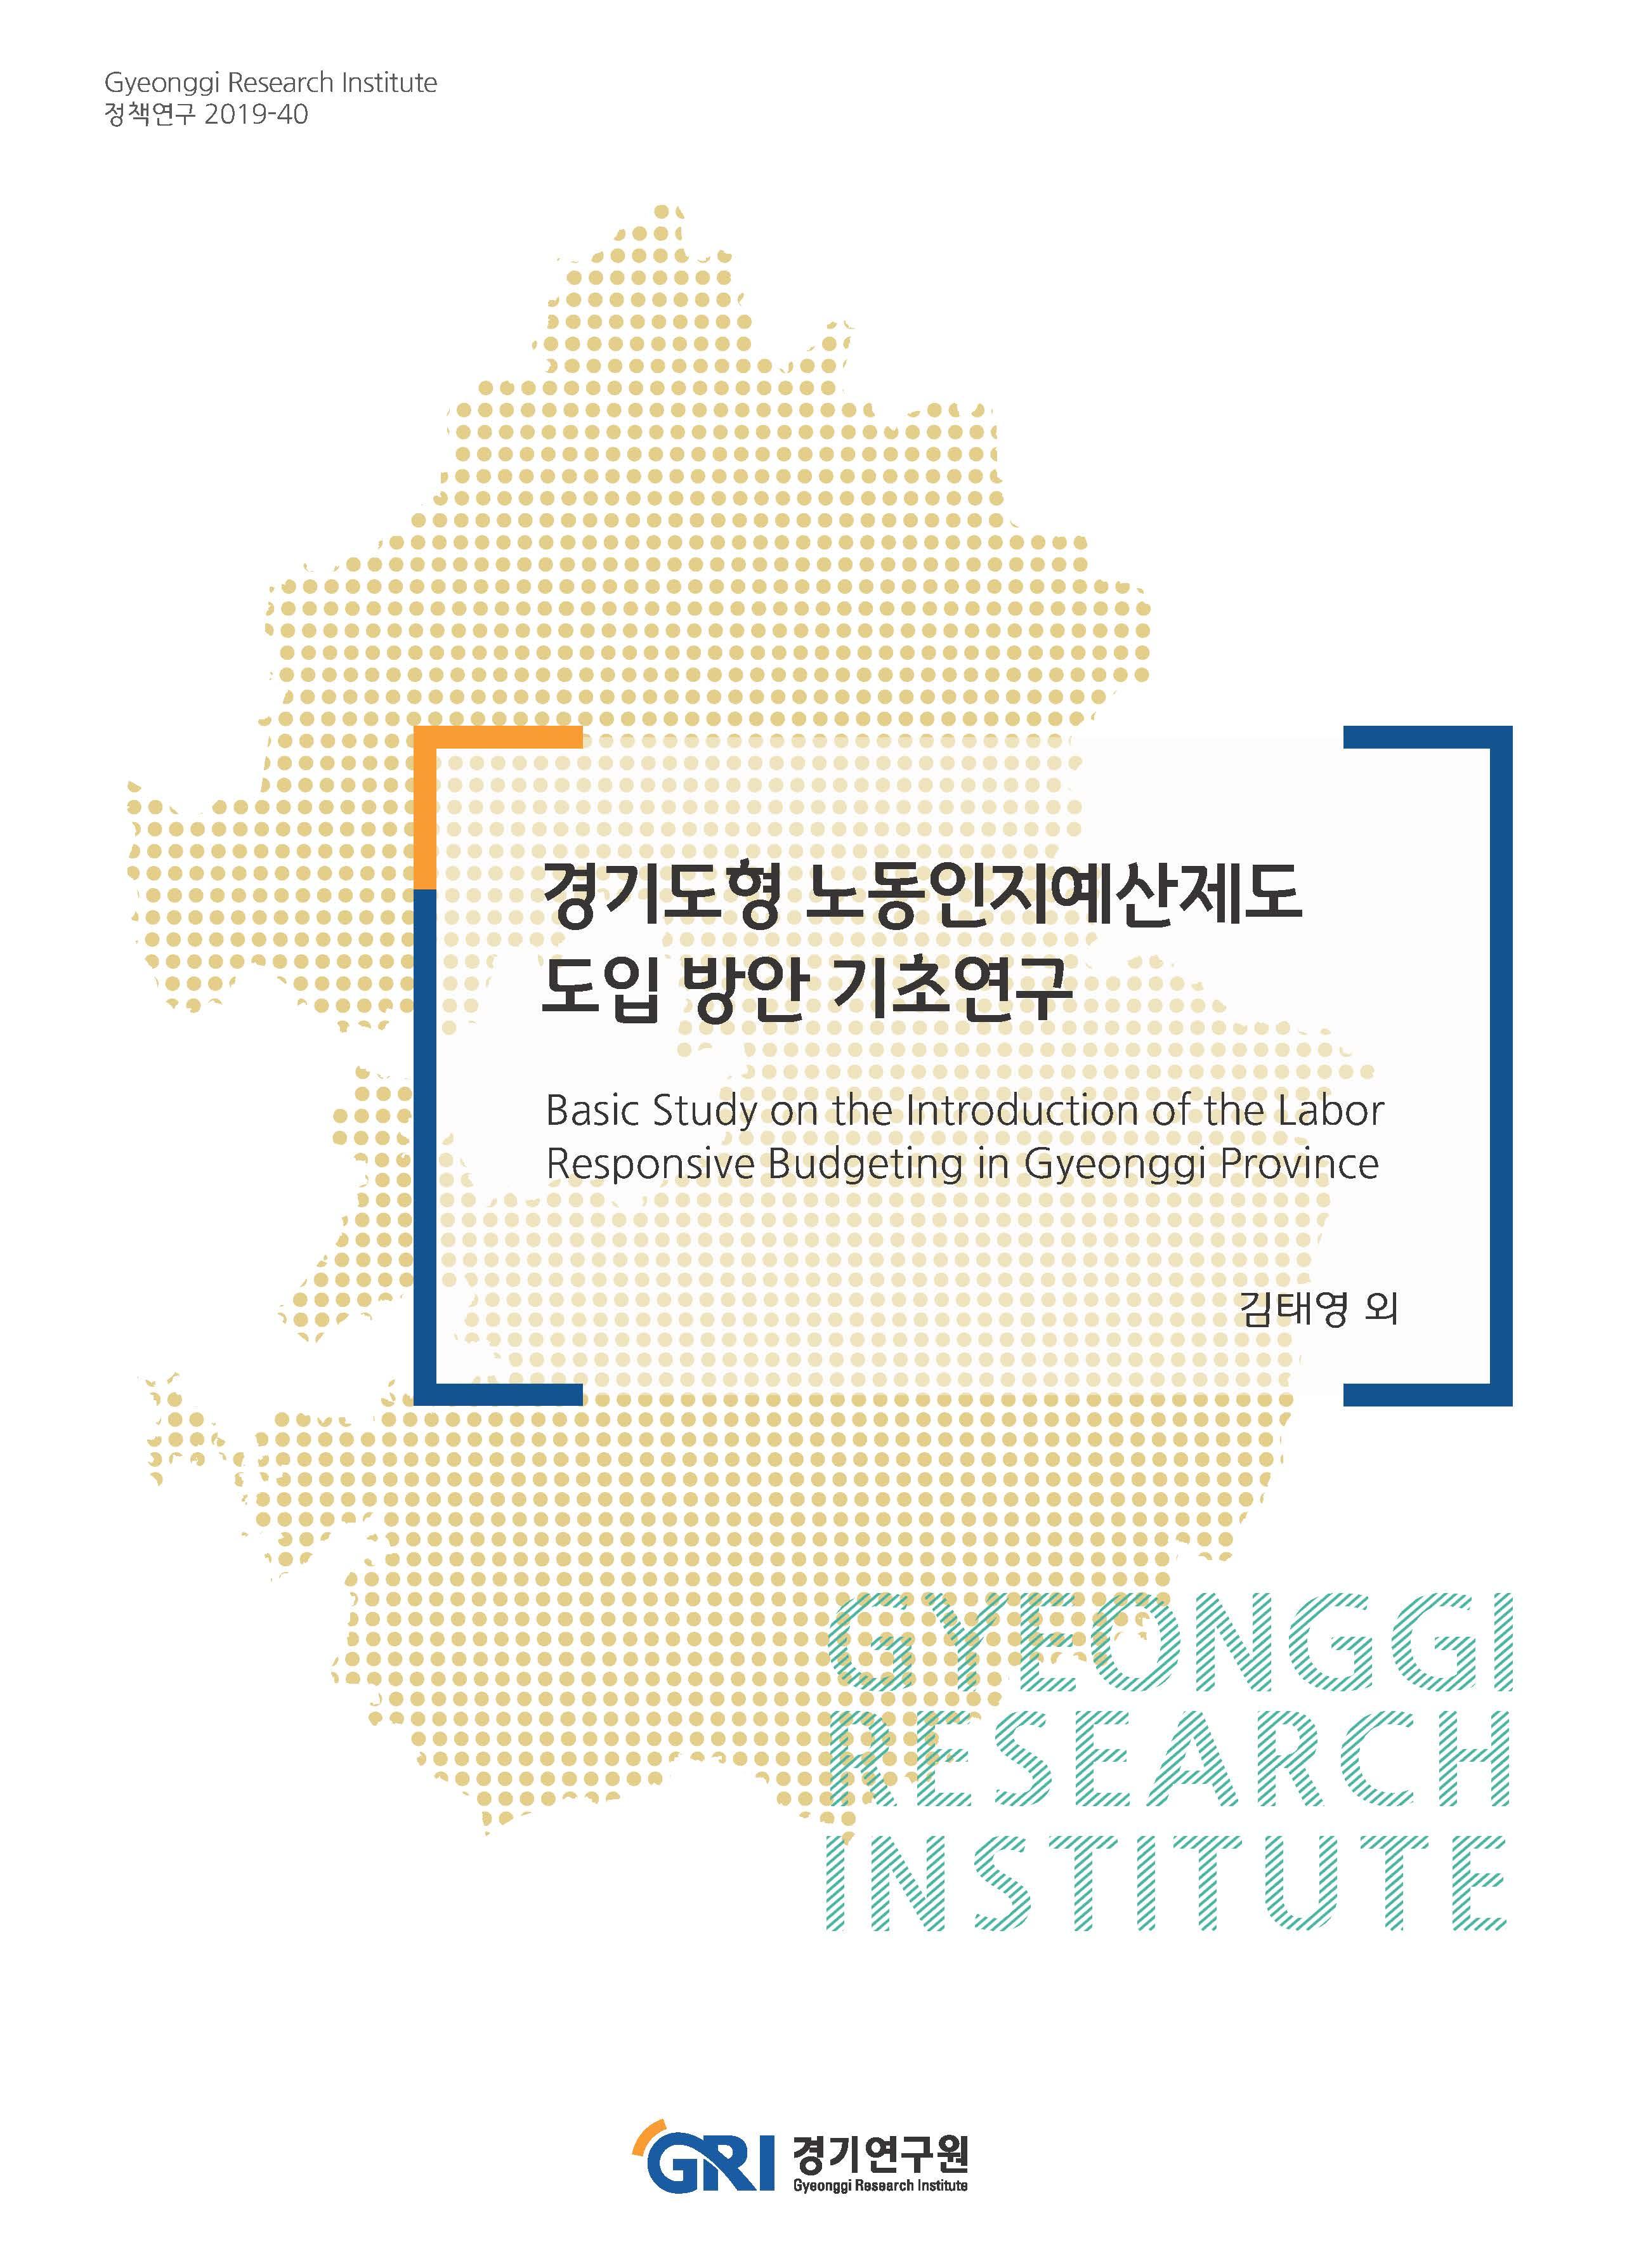 경기도형 노동인지예산제도 도입 방안 기초연구